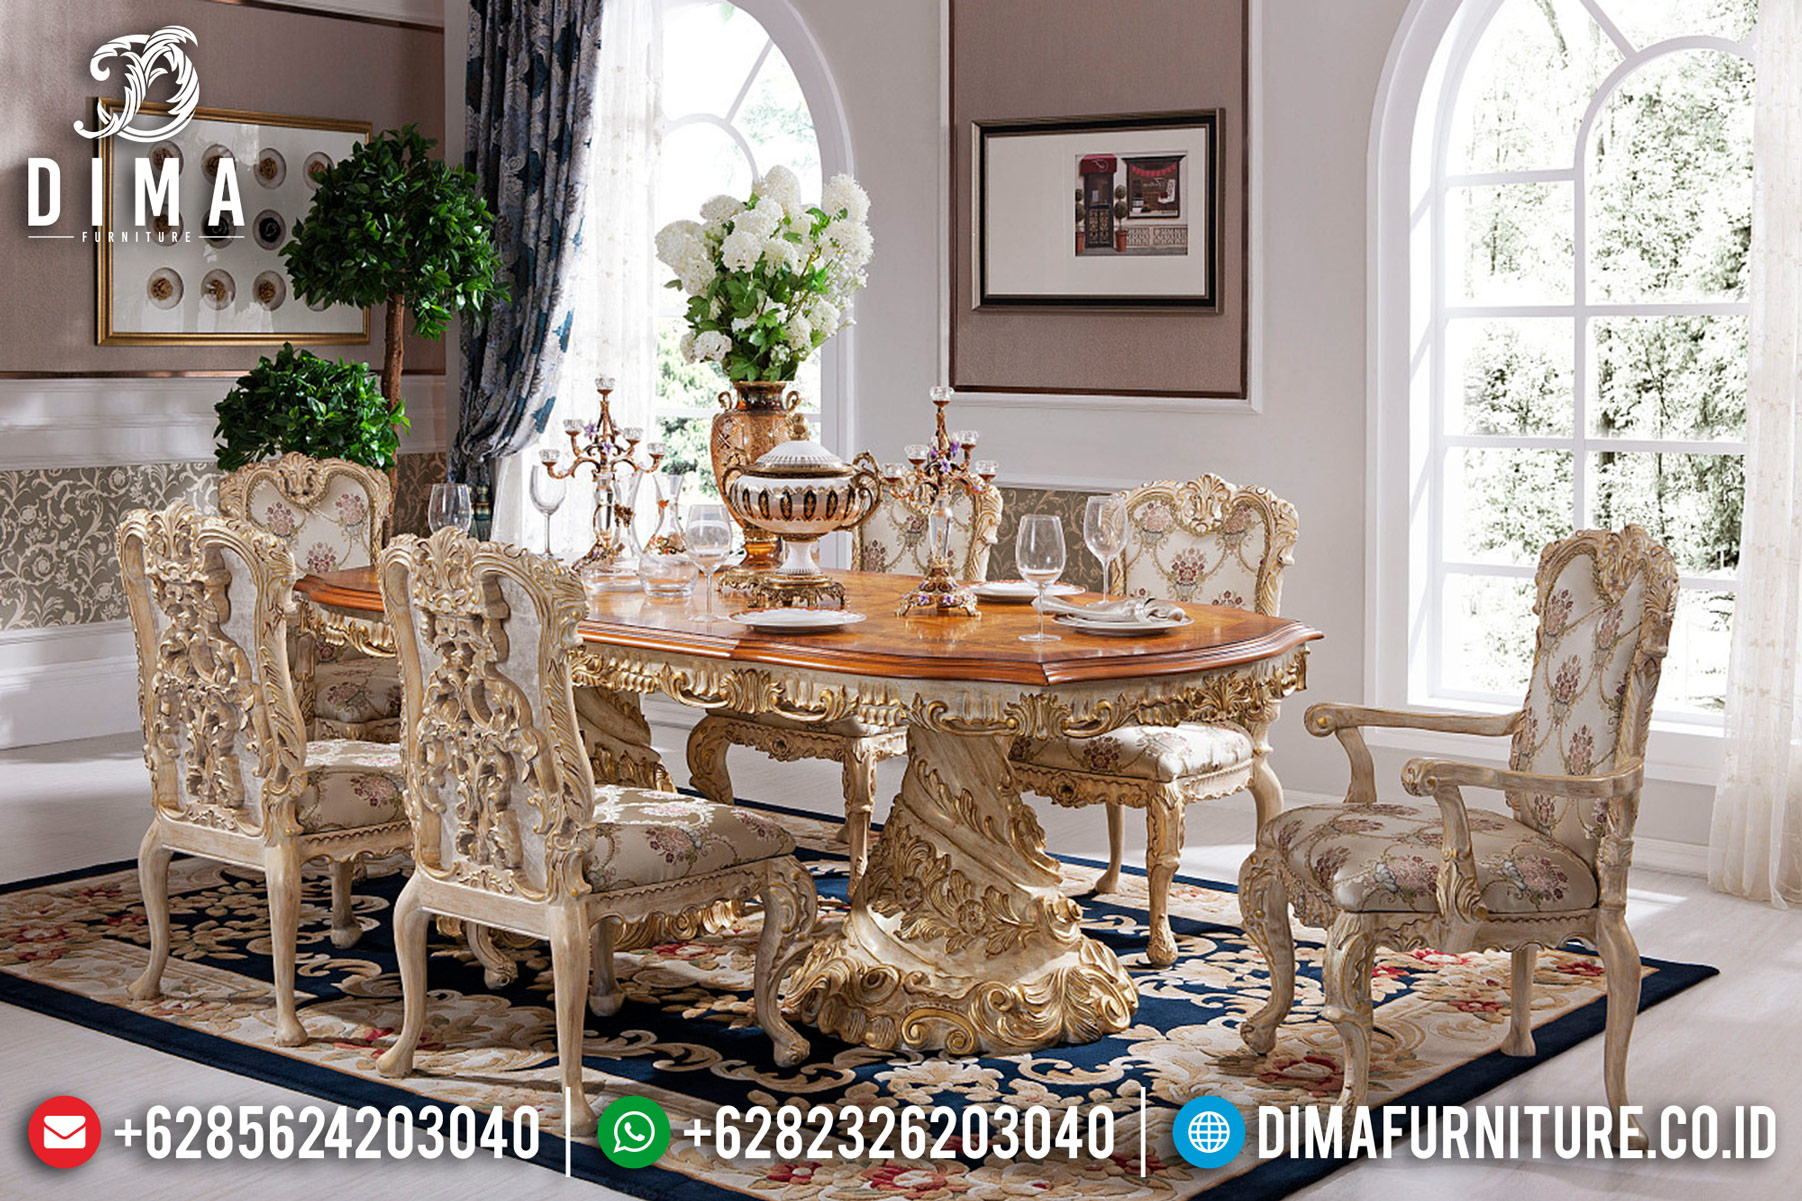 Jual Meja Makan Jepara, Kursi Makan Jepara Mewah, Meja Makan Ukiran Klasik BT-0018